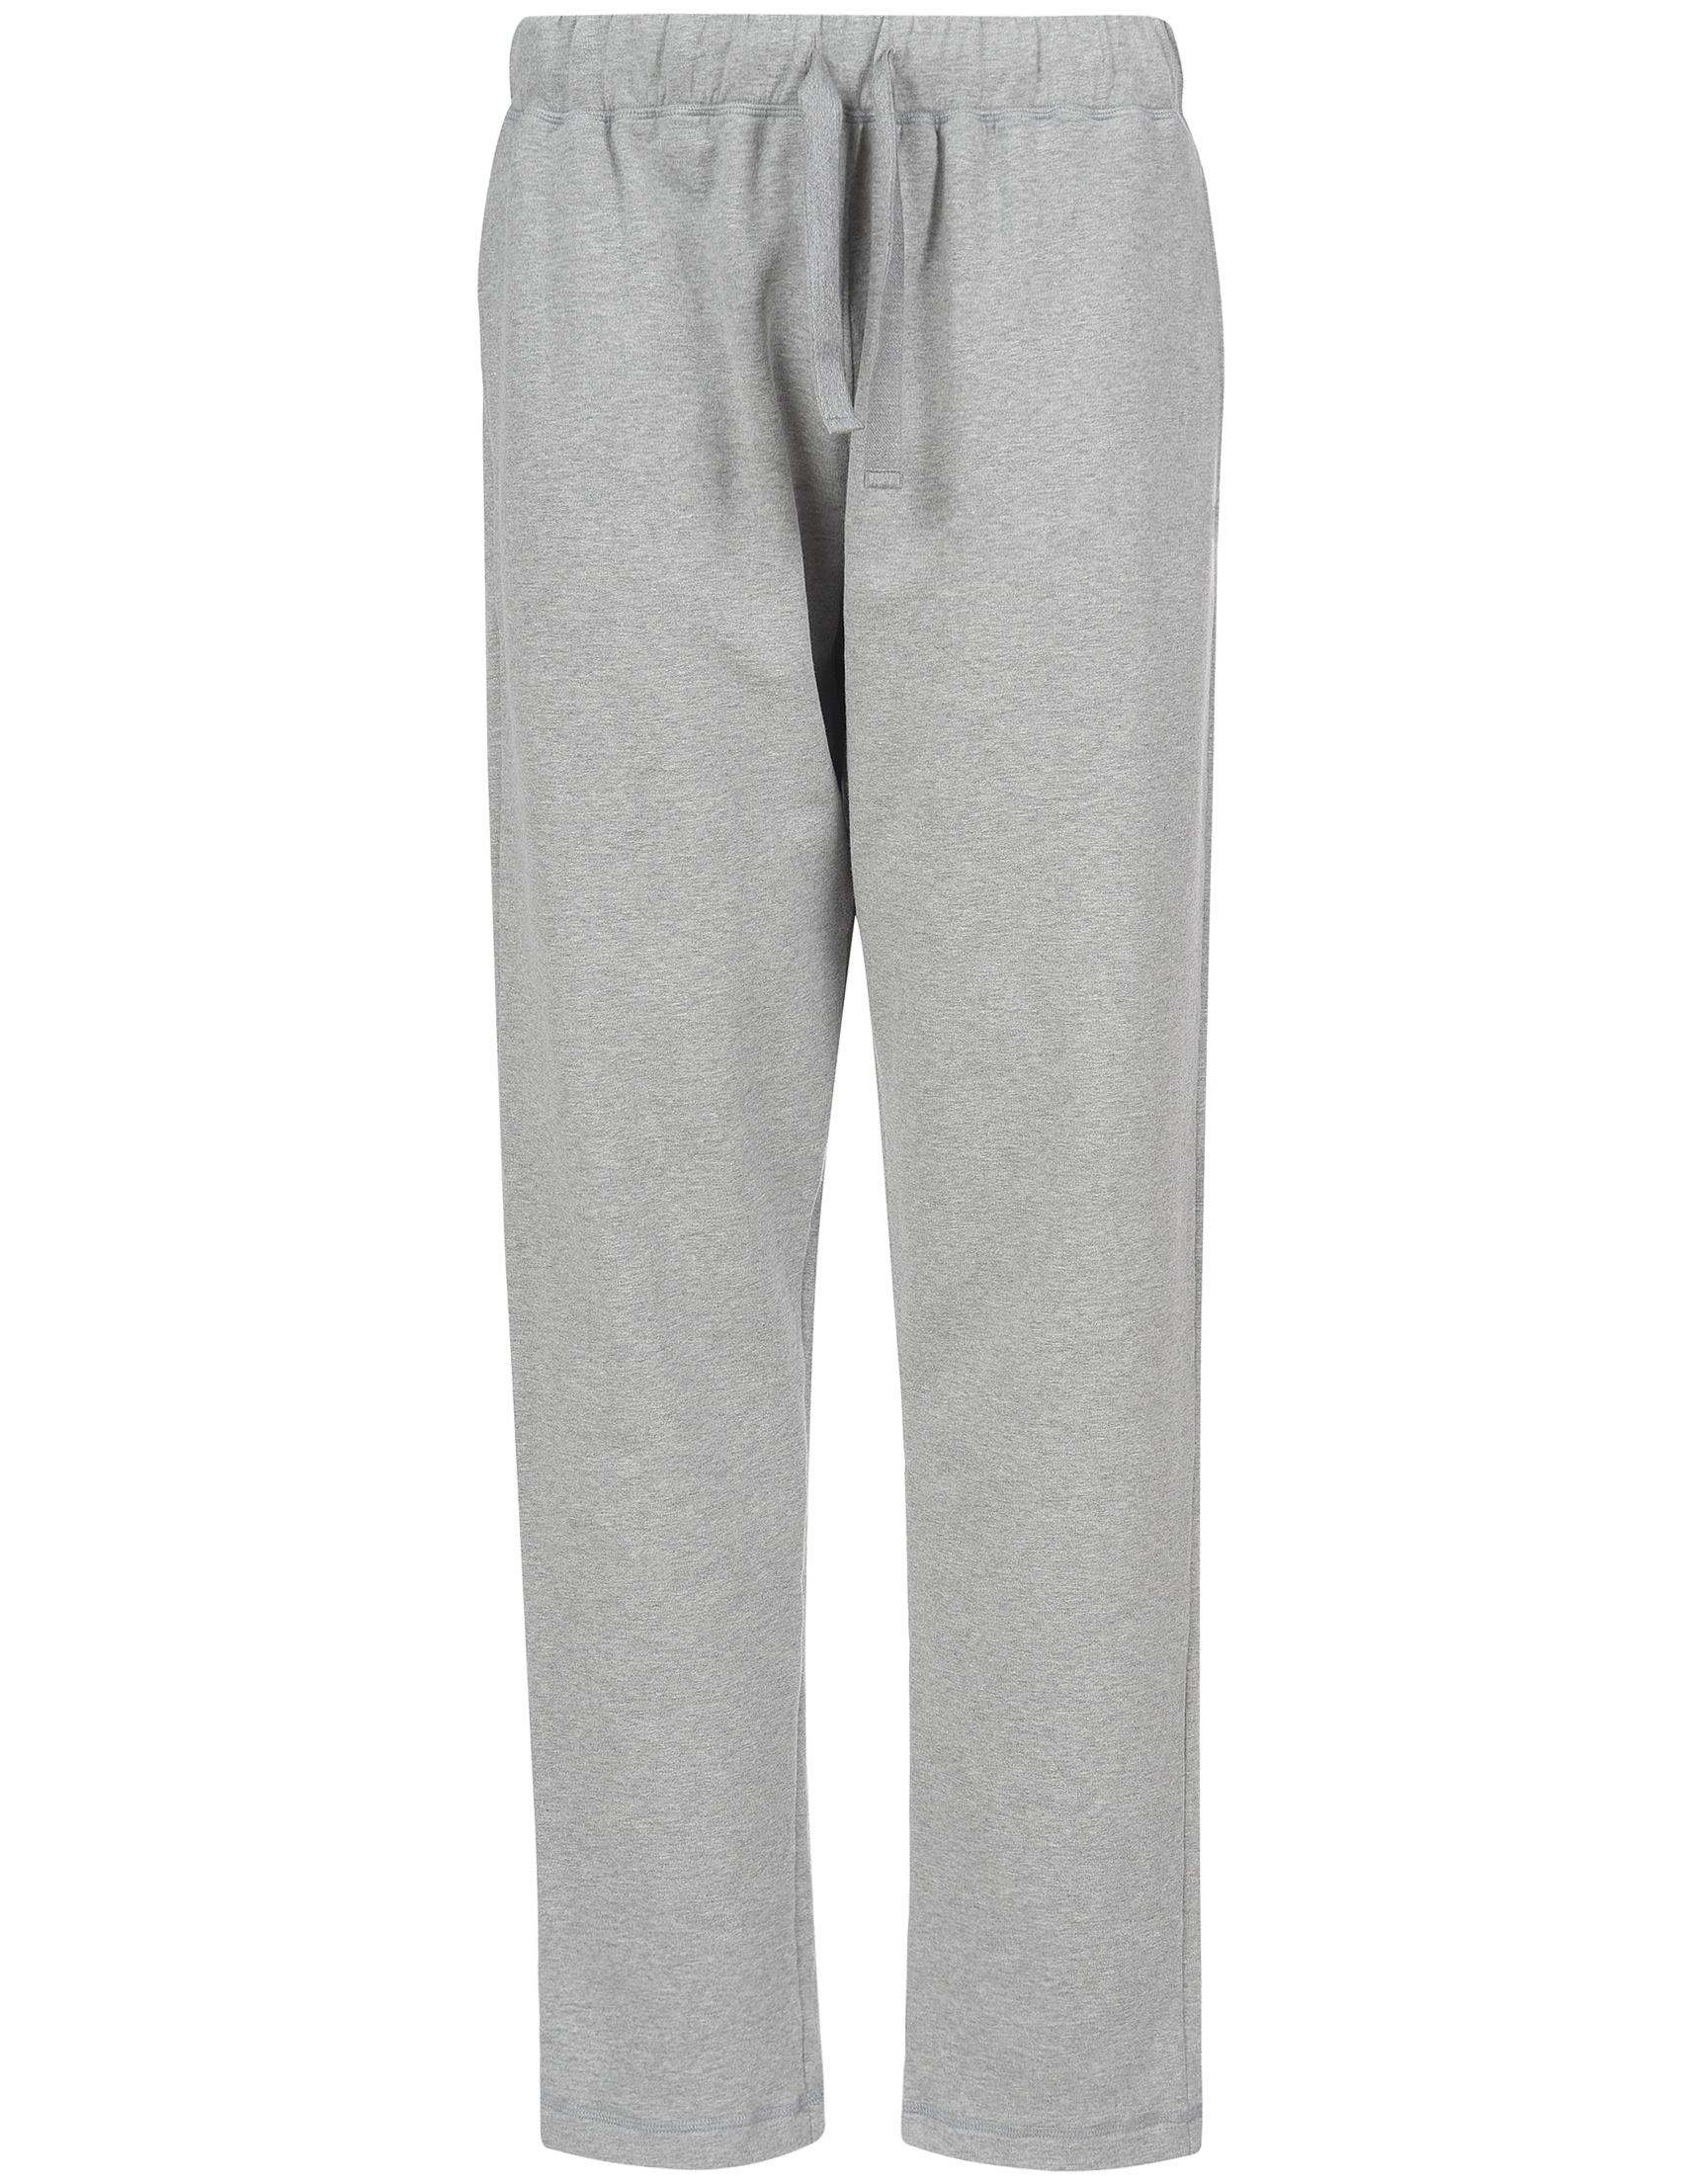 Мужские спортивные брюки ERMENEGILDO ZEGNA 00470-gray